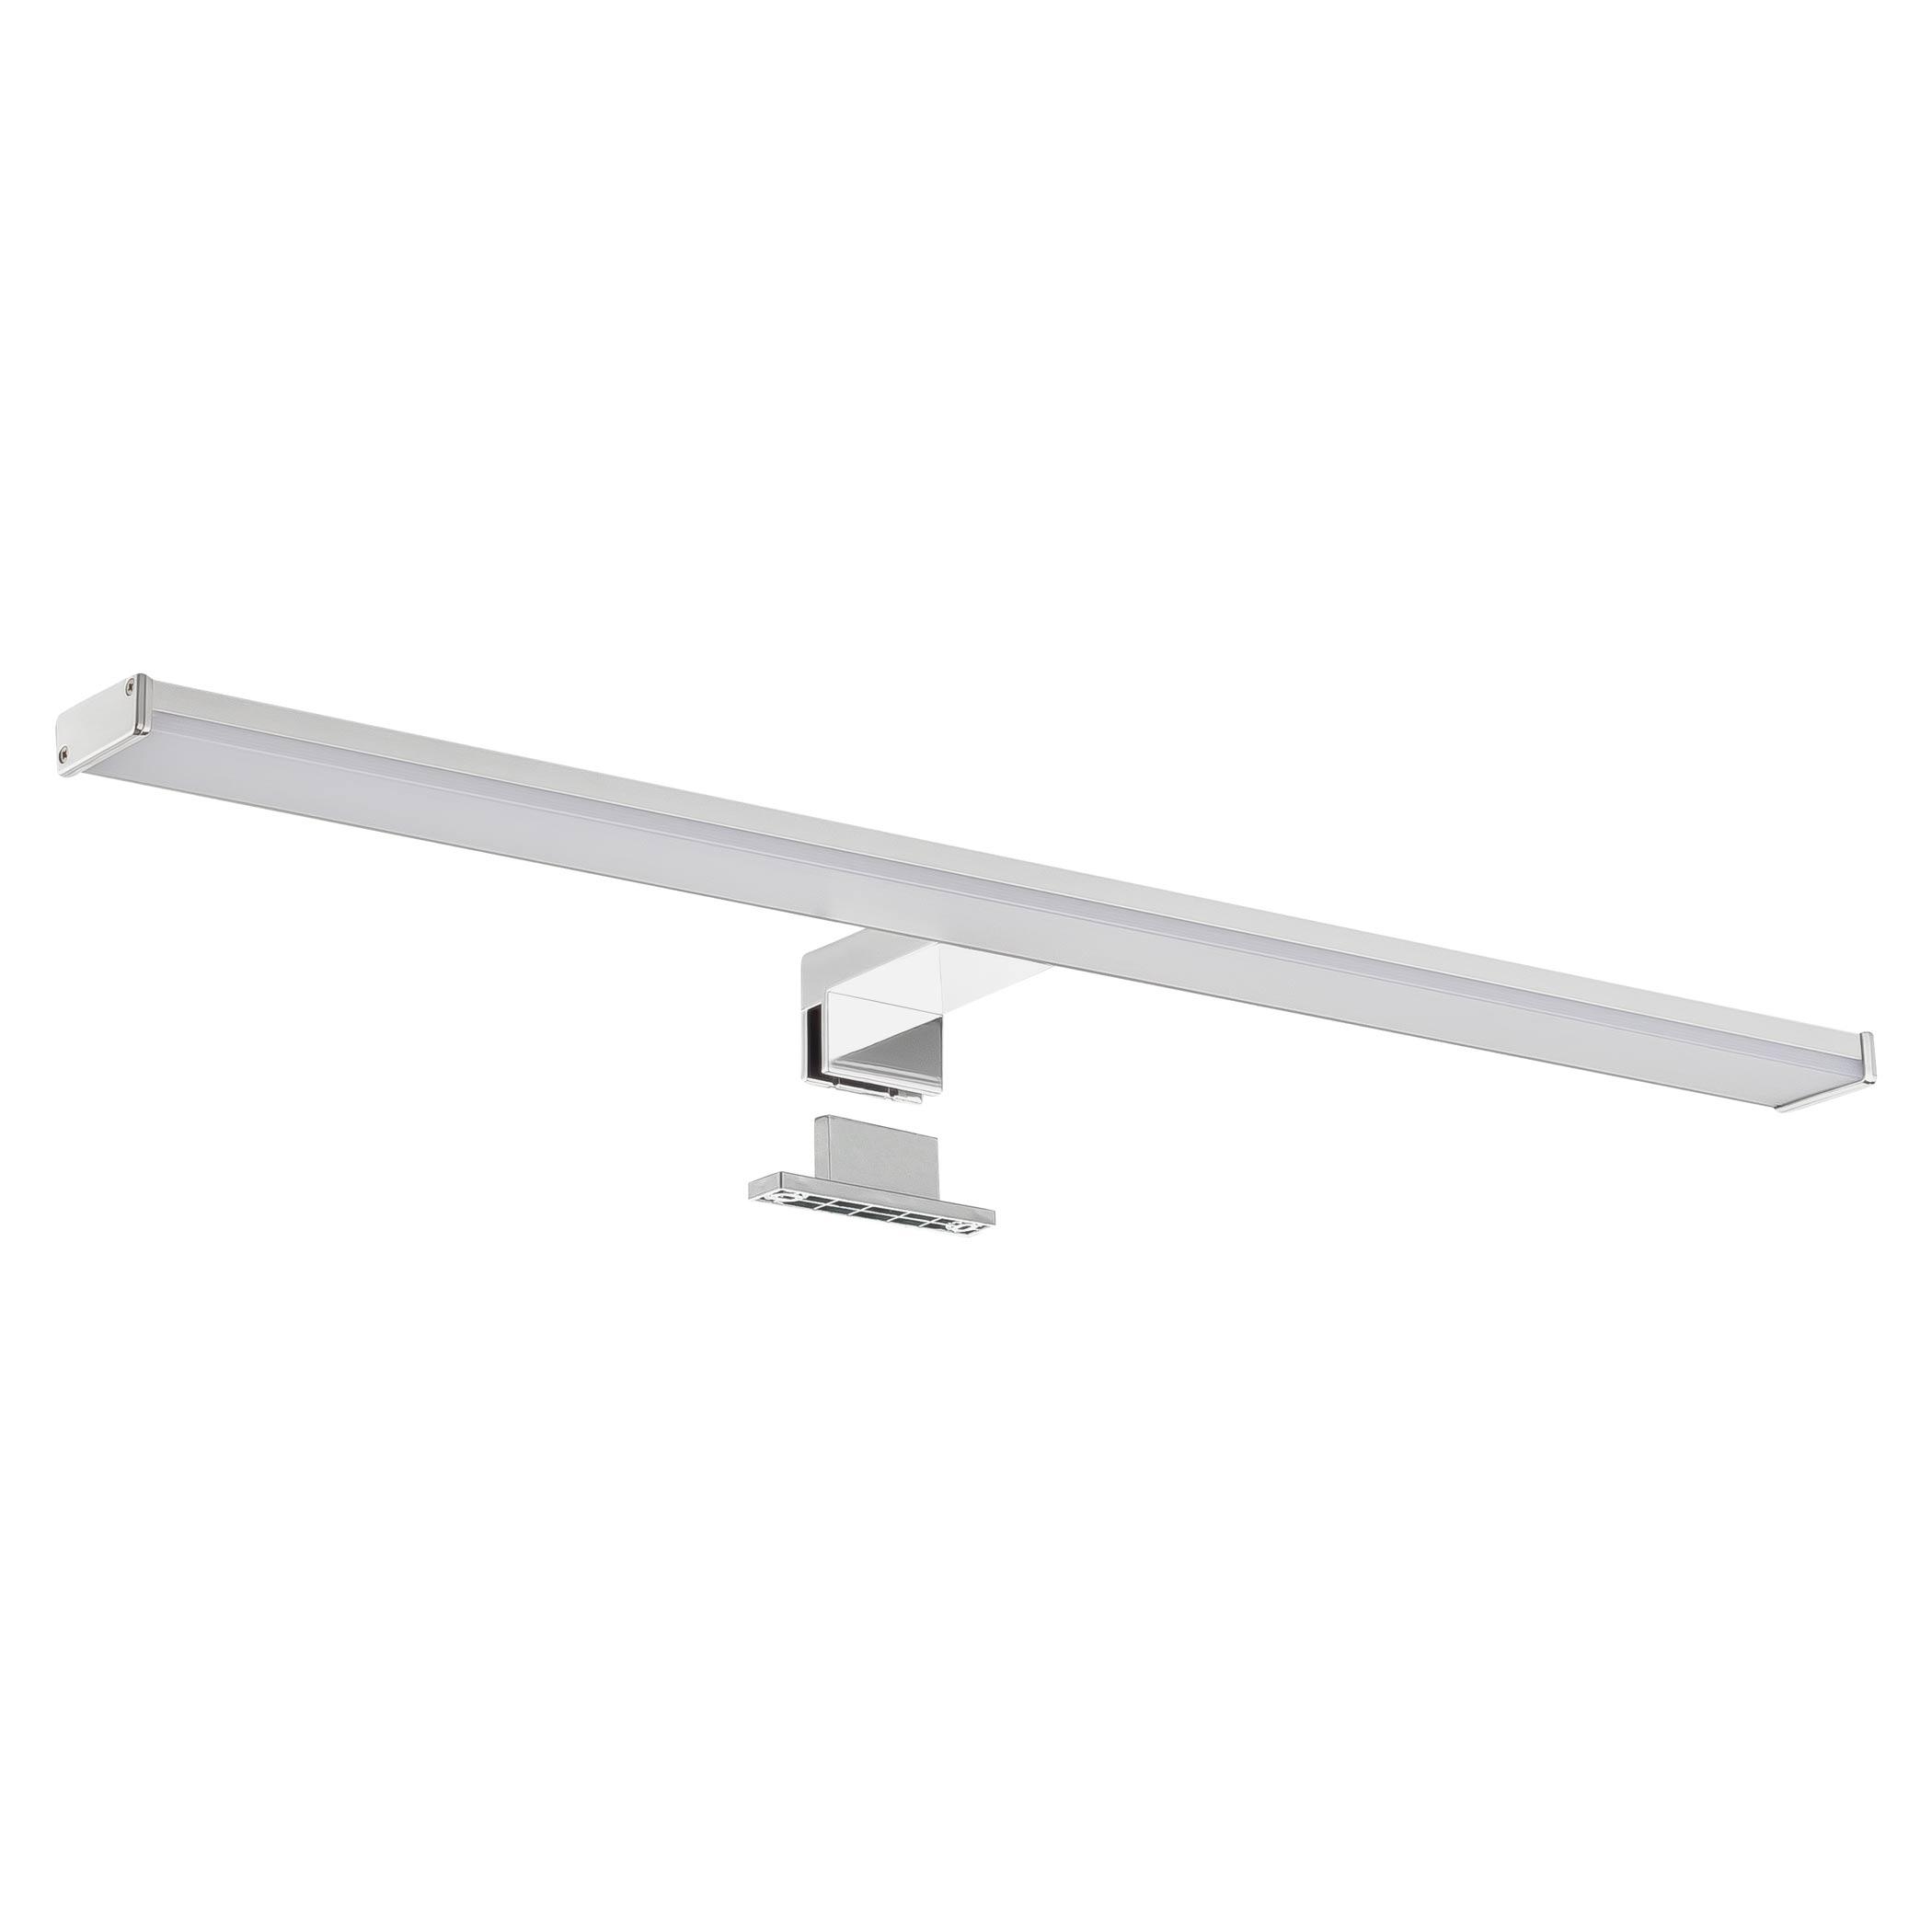 LED Spiegelleuchte 12W 60cm